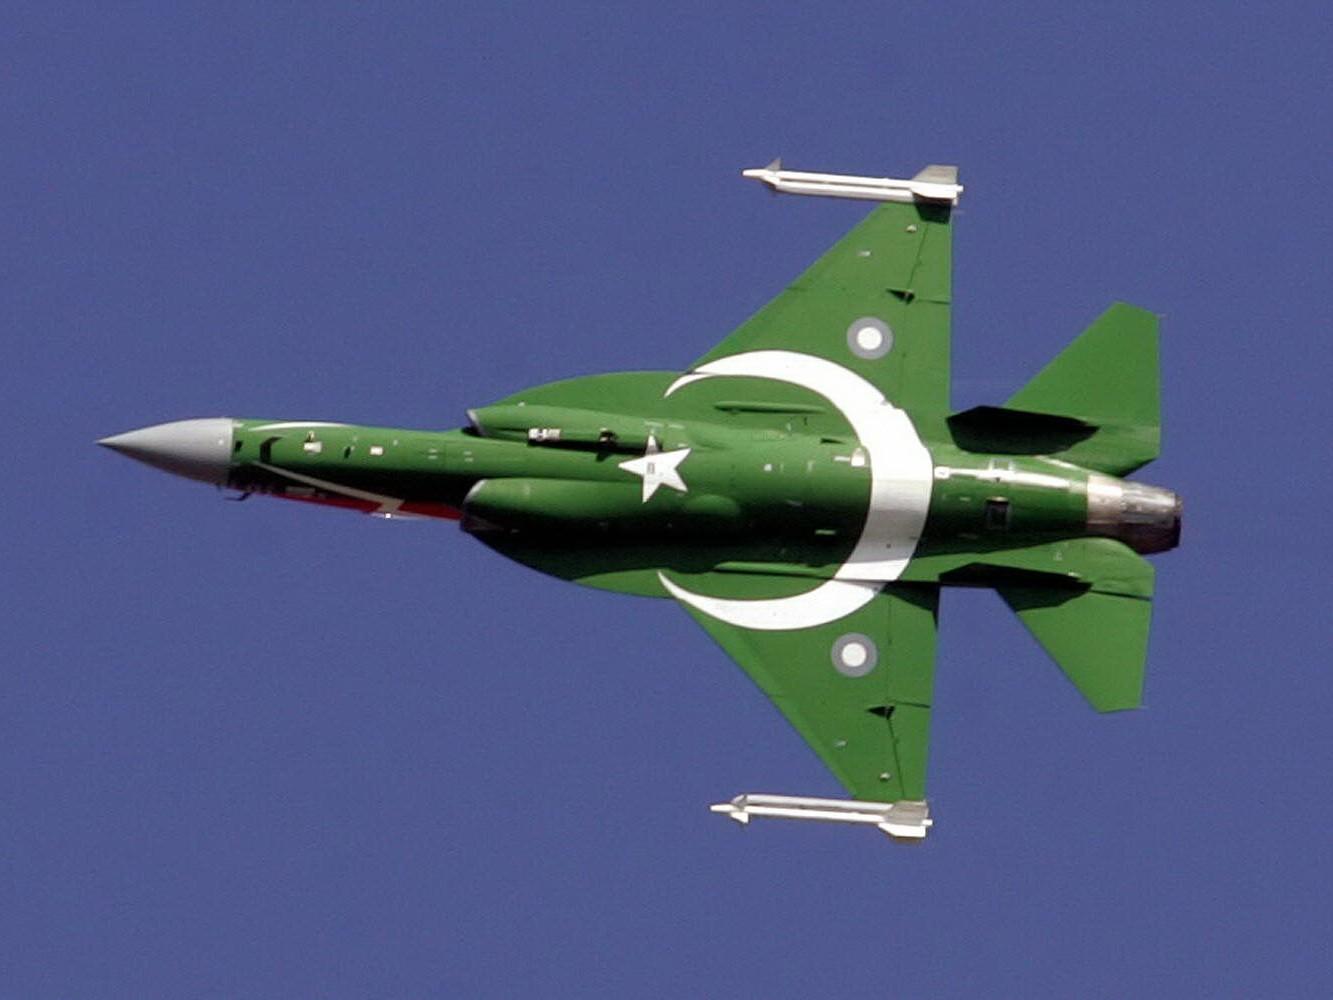 JF-17 전투기에 투영된 파키스탄 공군의 현대화 사업